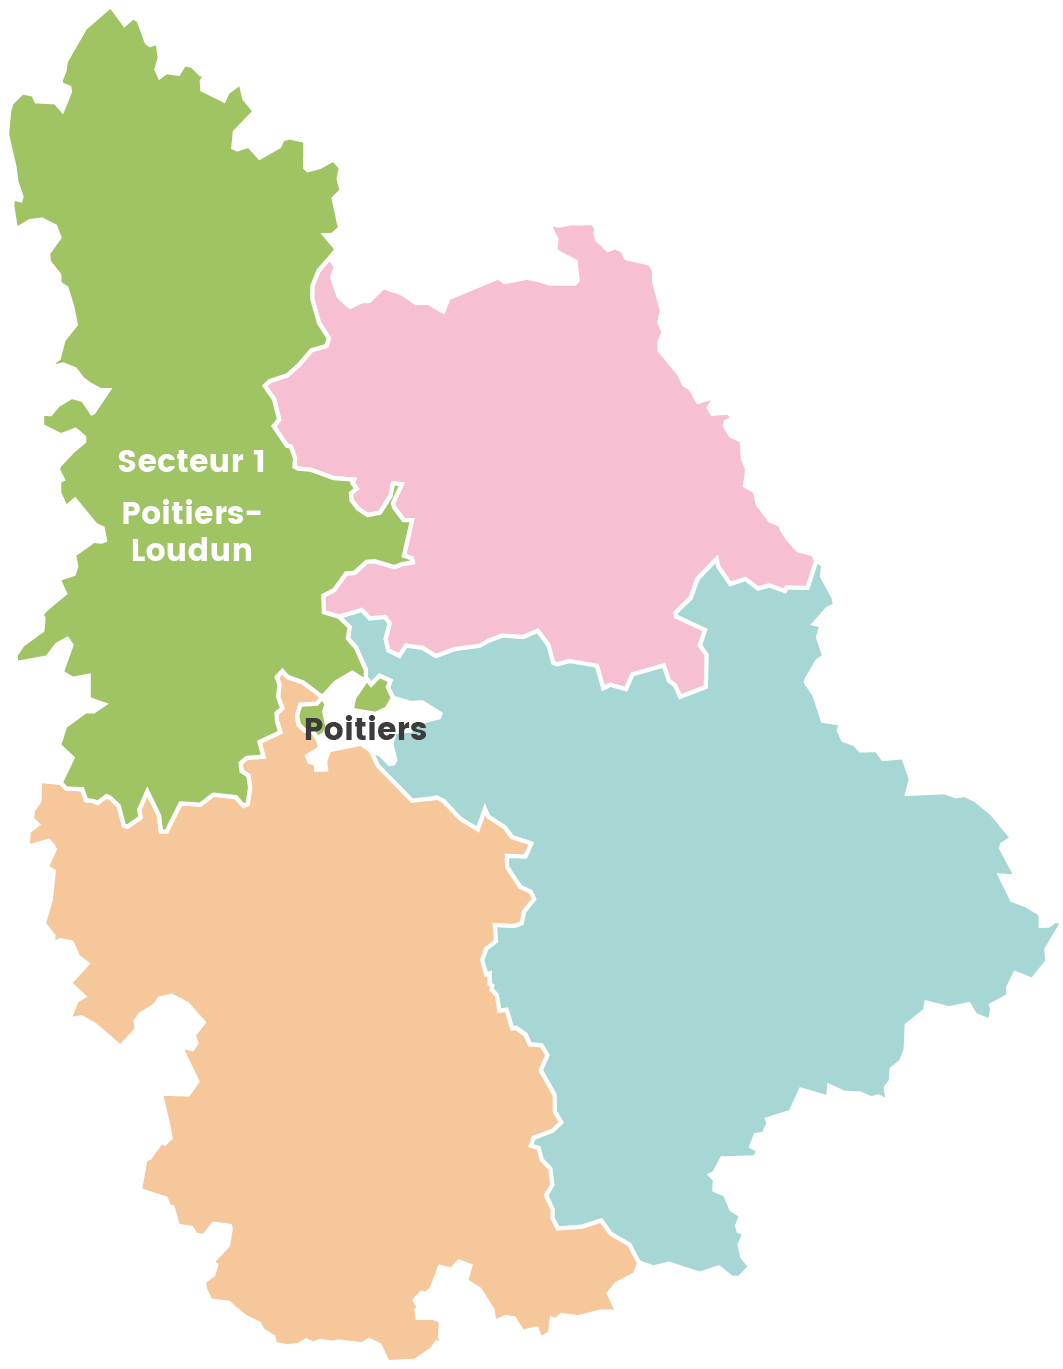 carte vienne secteur 1